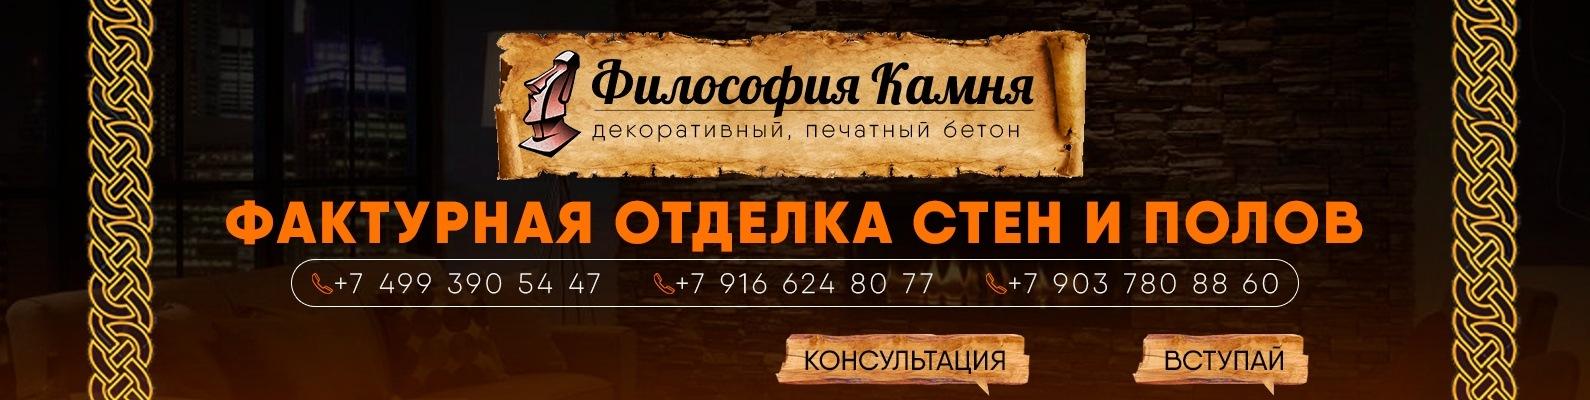 Печатный бетон в москве и московской области бетона станция